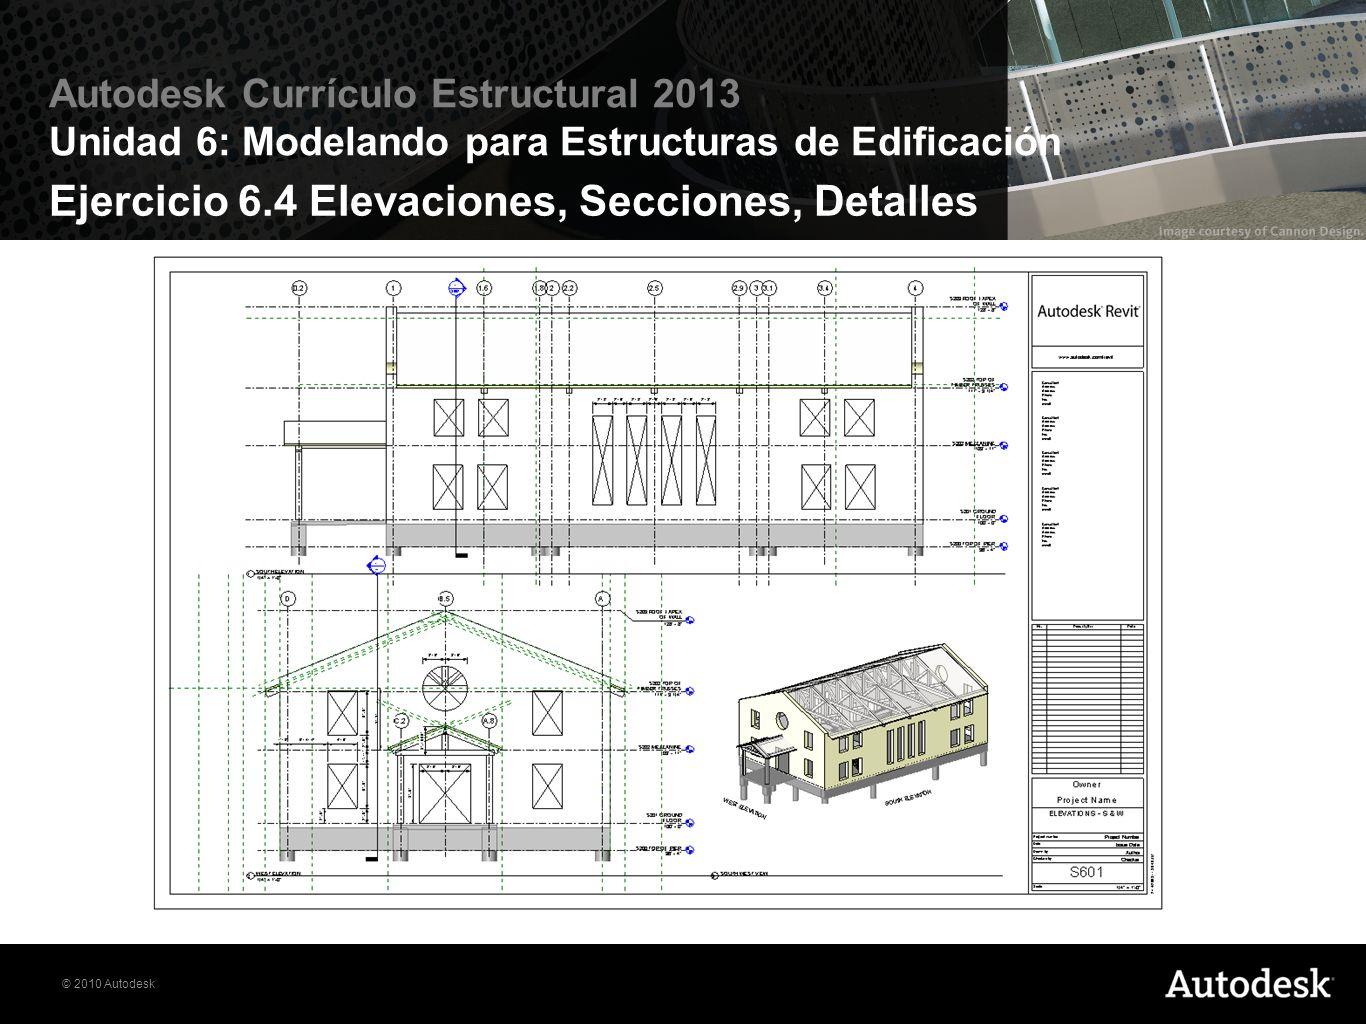 © 2010 Autodesk Autodesk Currículo Estructural 2013 Unidad 6: Modelando para Estructuras de Edificación Ejercicio 6.4 Elevaciones, Secciones, Detalles